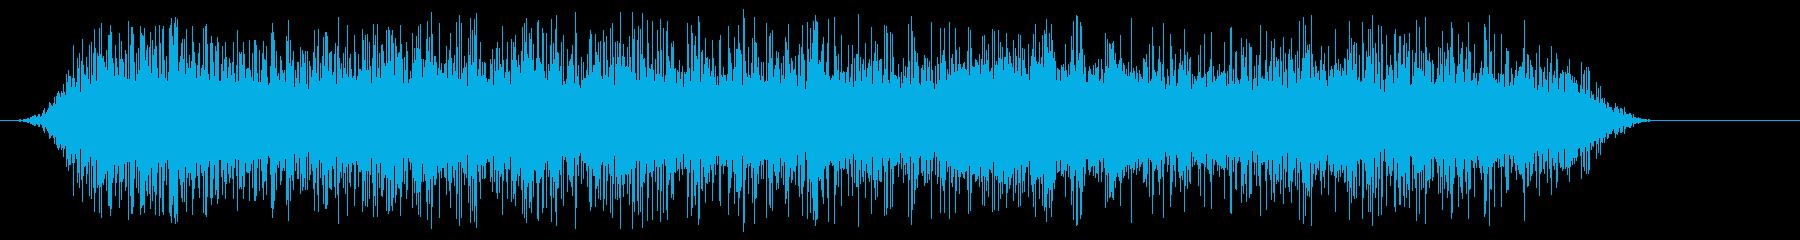 公園の噴水-鳥-声の再生済みの波形